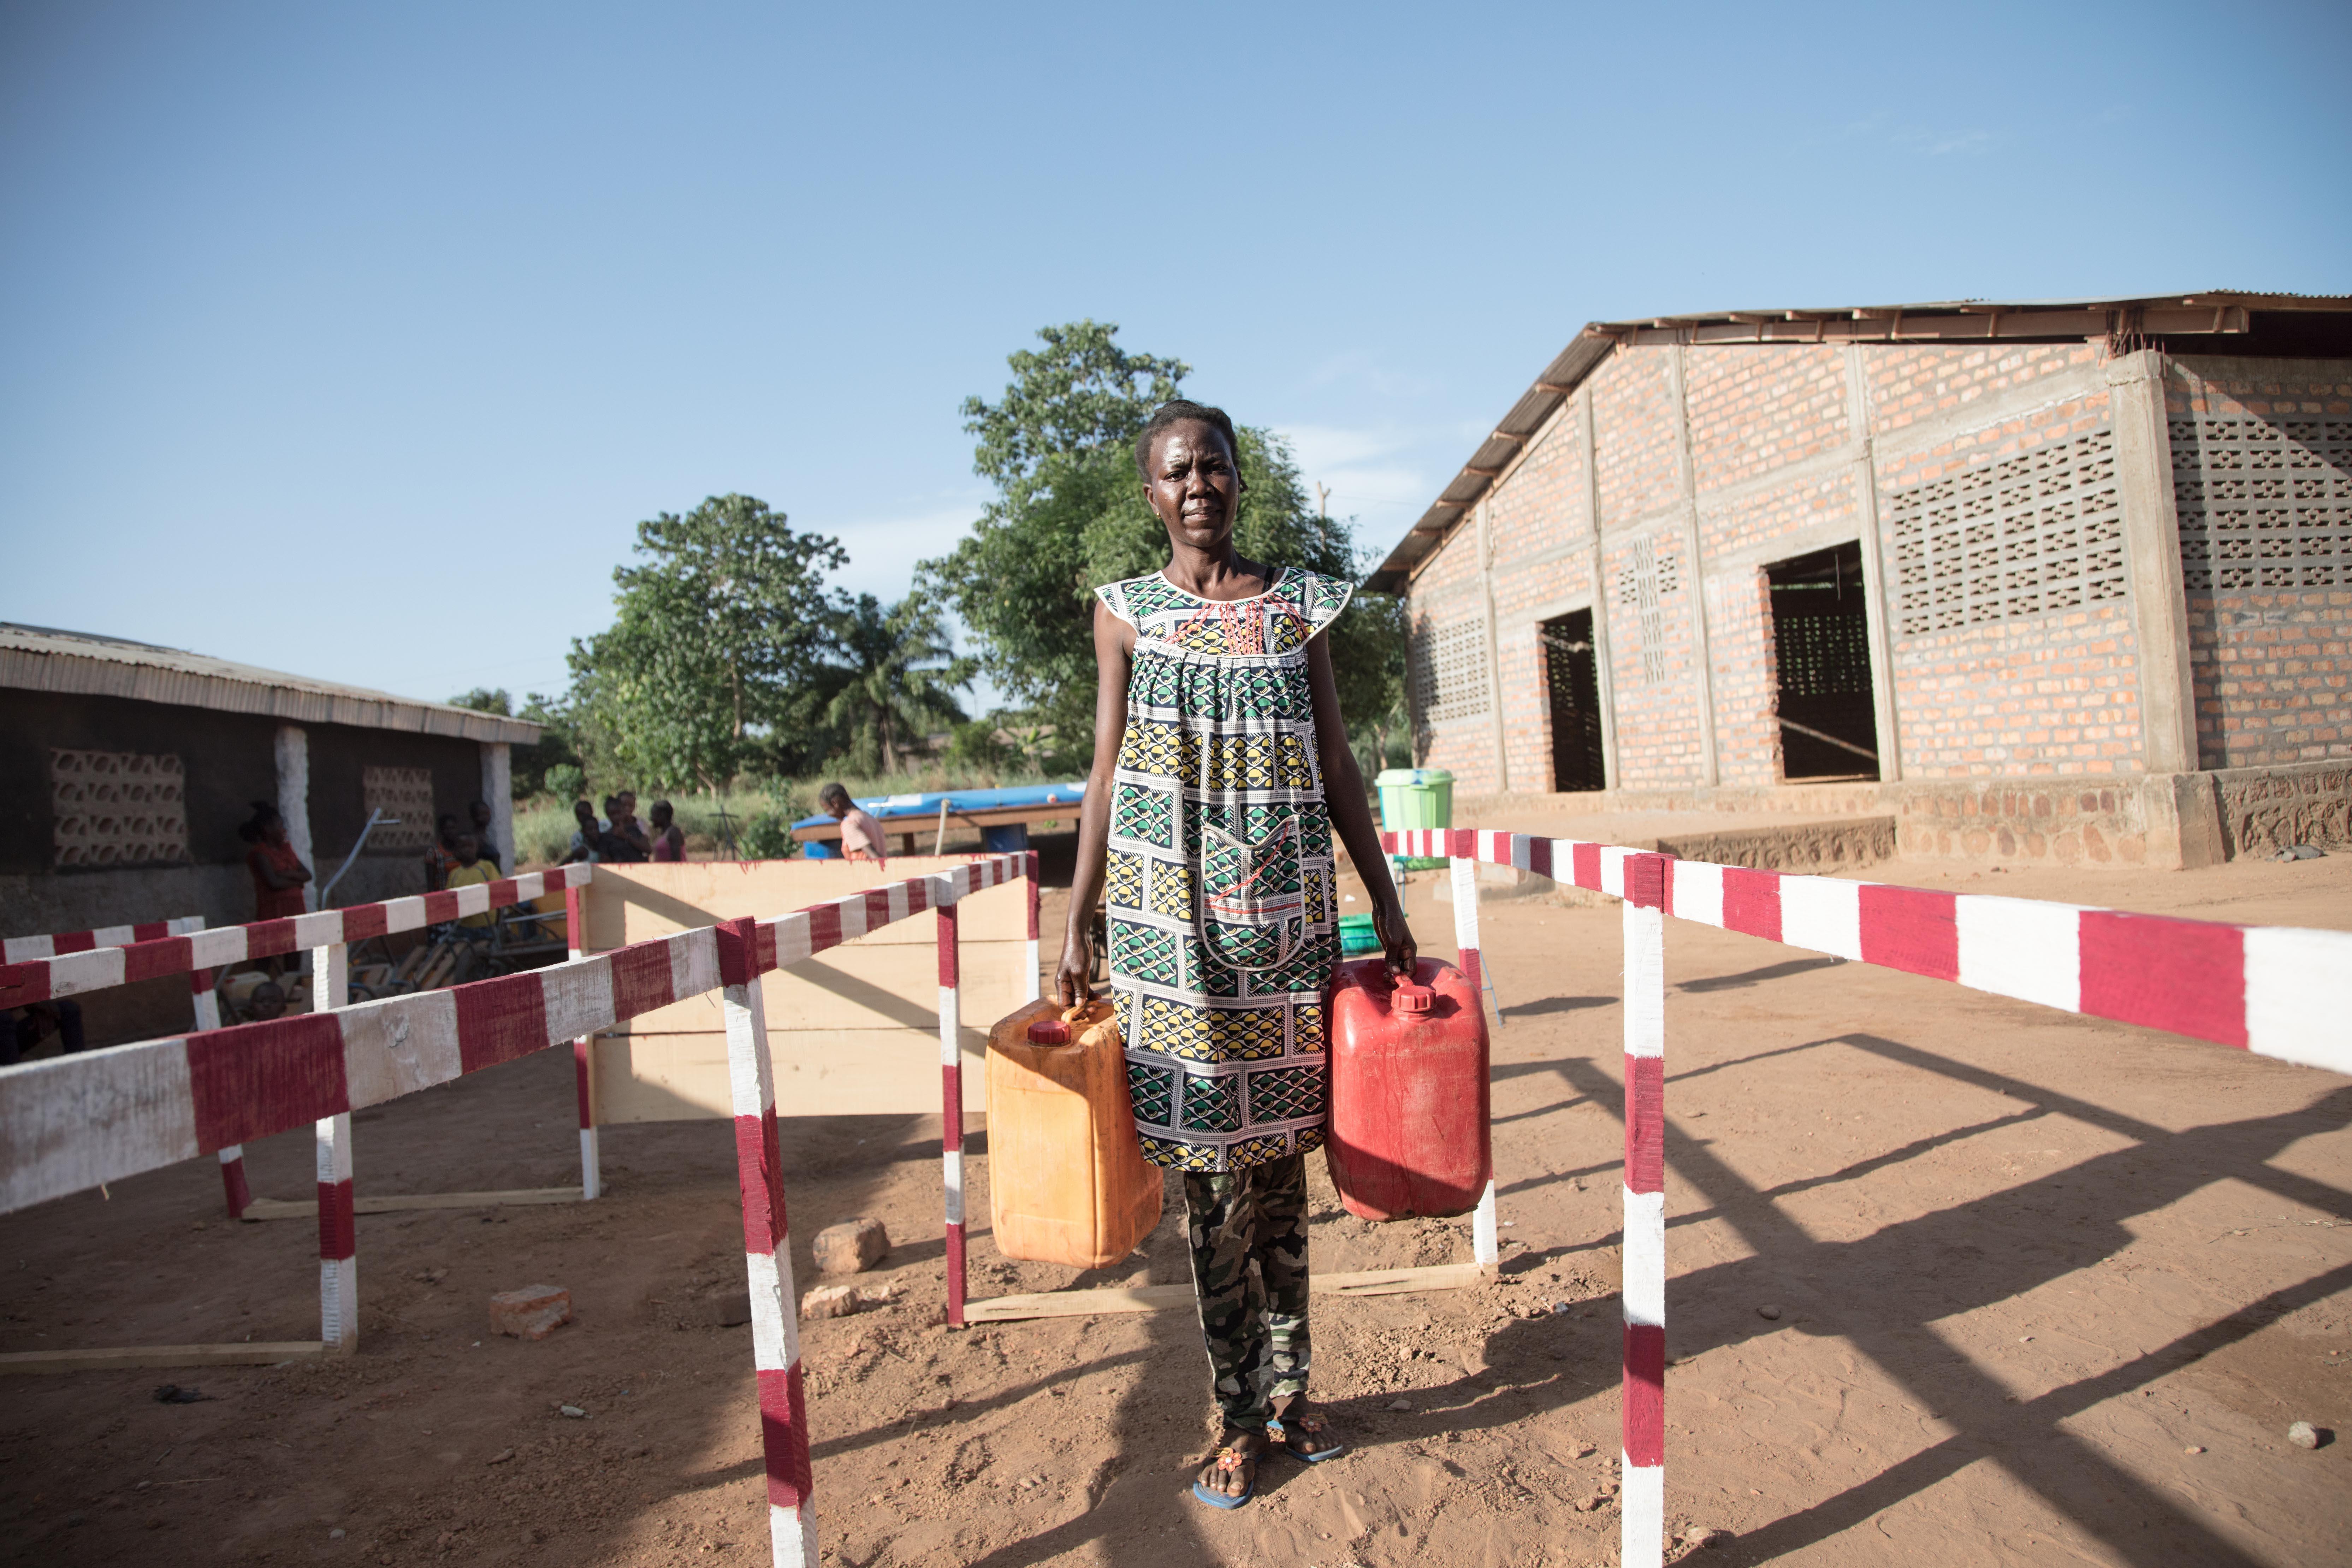 15 mai 2020 - Priscilla, 25 ans, fait la queue au point d'eau installé par Oxfam à Bimbo. Des files d'attente avec des espaces de 1 mètre sont prévues par nos équipes pour éviter la propagation du coronavirus. © Florent Vergnes/Oxfam